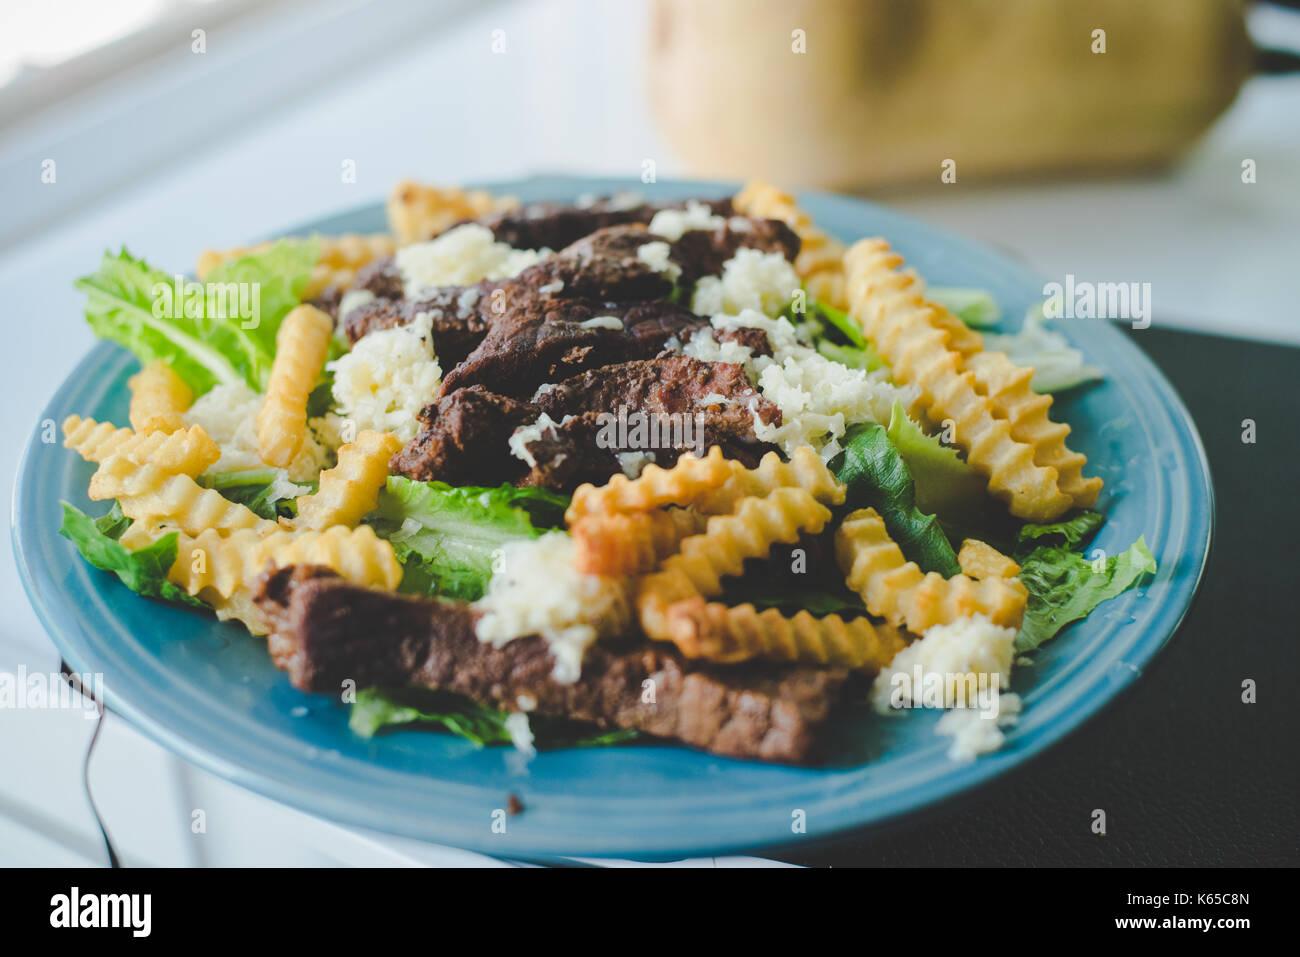 Una piastra di una bistecca con insalata di patate fritte o patatine. Immagini Stock